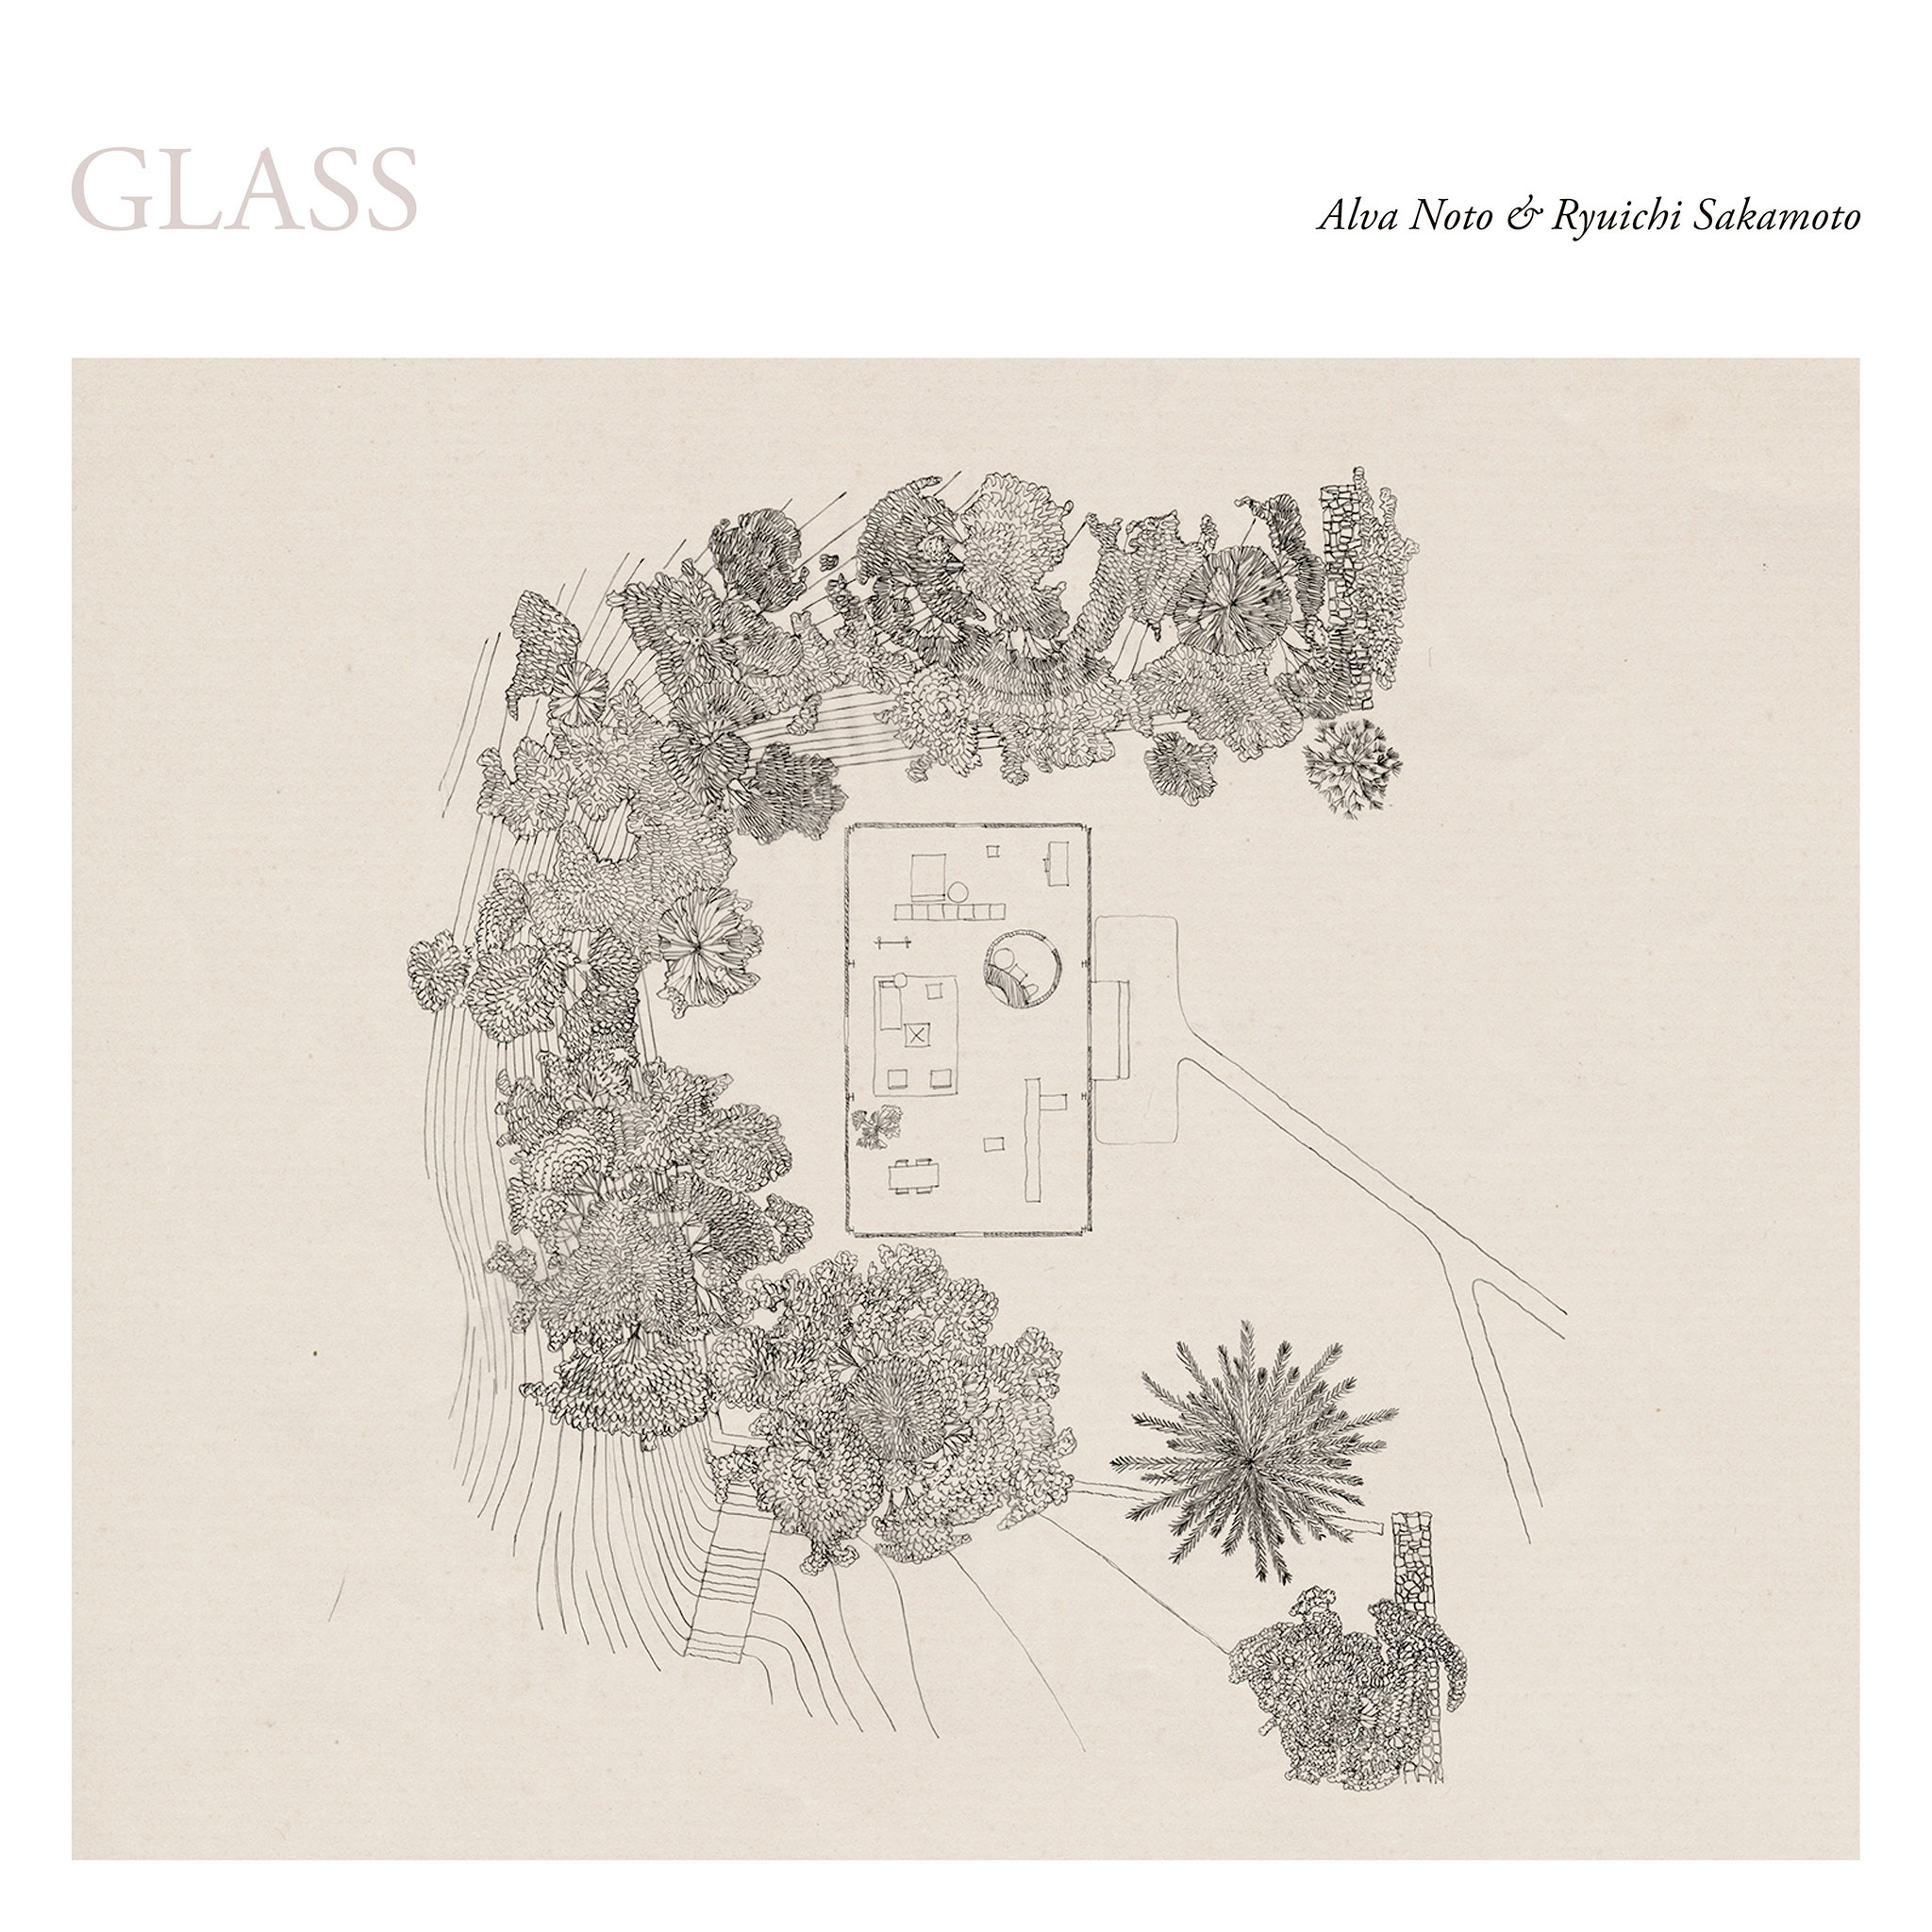 Glass by Alva Noto & Ryuichi Sakamoto